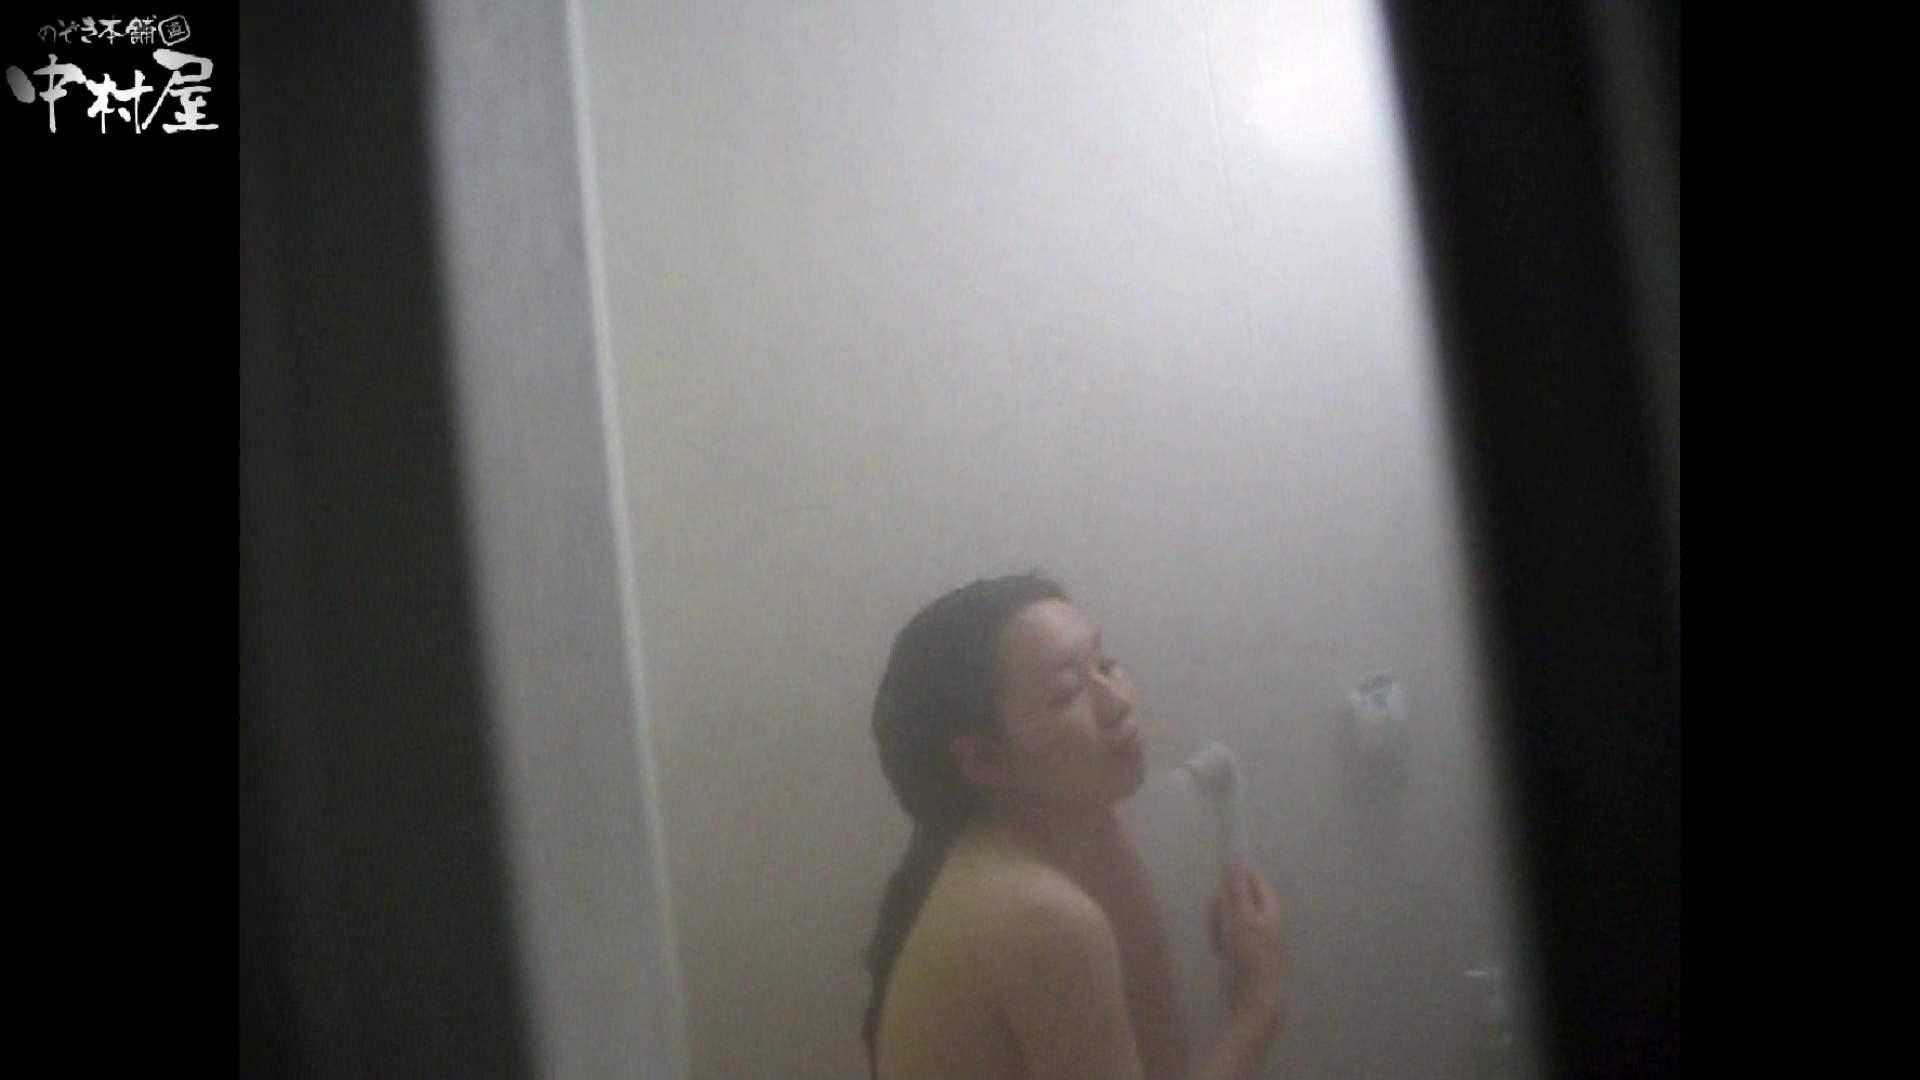 民家風呂専門盗撮師の超危険映像 vol.012 いやらしいOL すけべAV動画紹介 94連発 42